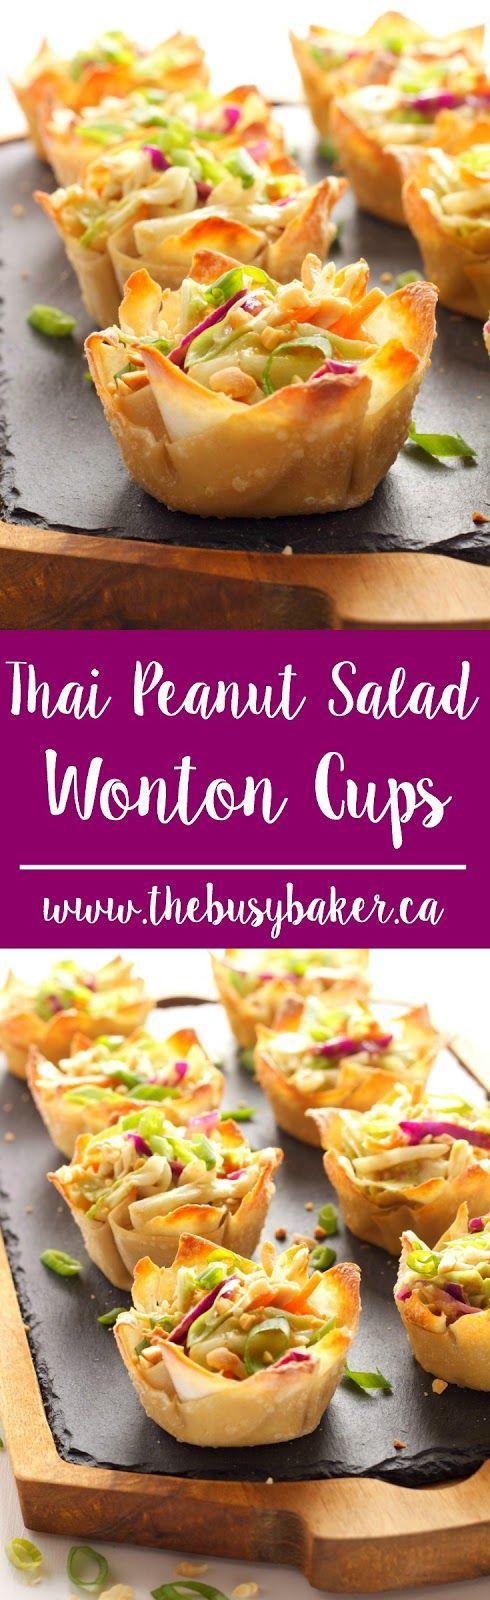 THAI PEANUT SALAD WONTON CUPS